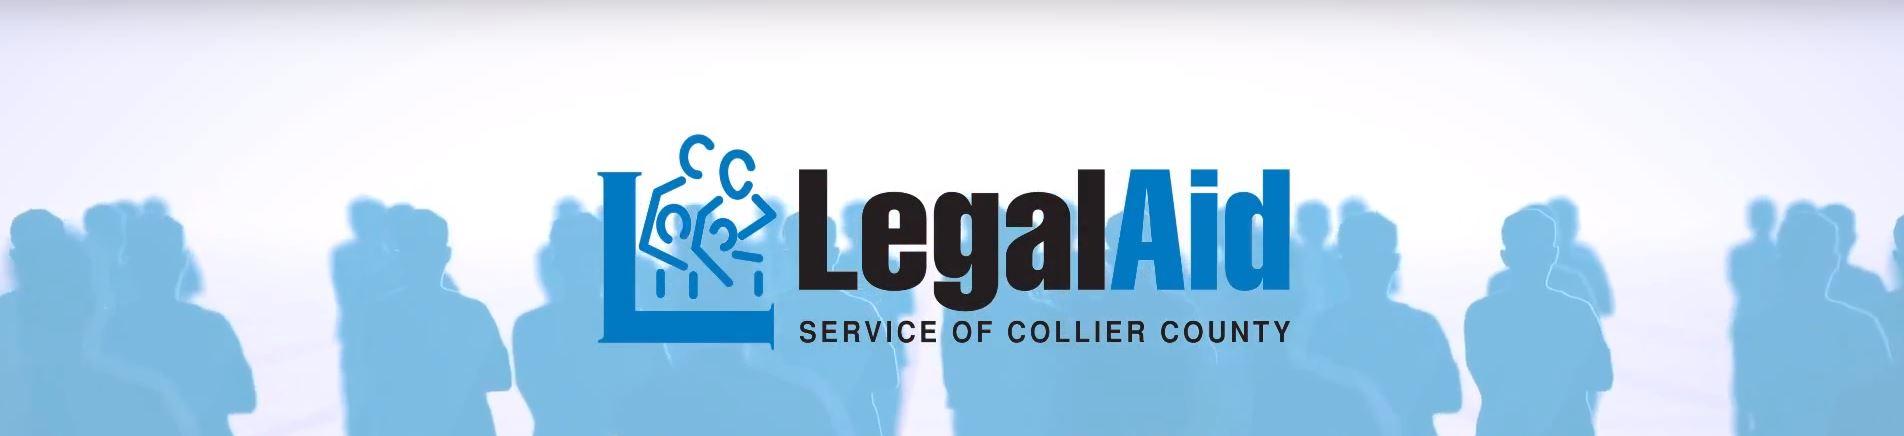 Legal Aid Banner